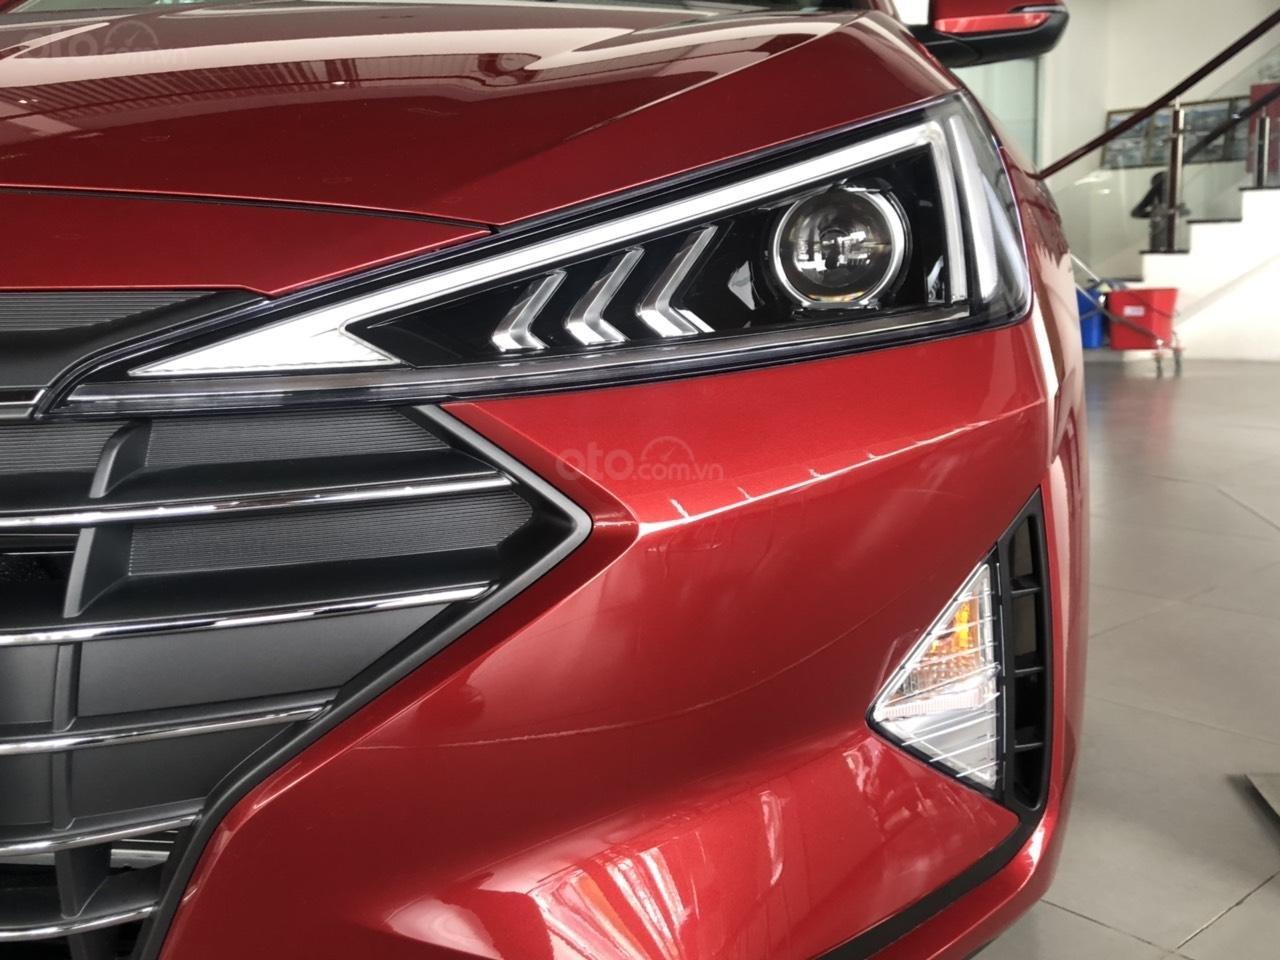 Hyundai Elentra 2019 - Giá tốt - Xe sẵn - Bank bao đậu-4